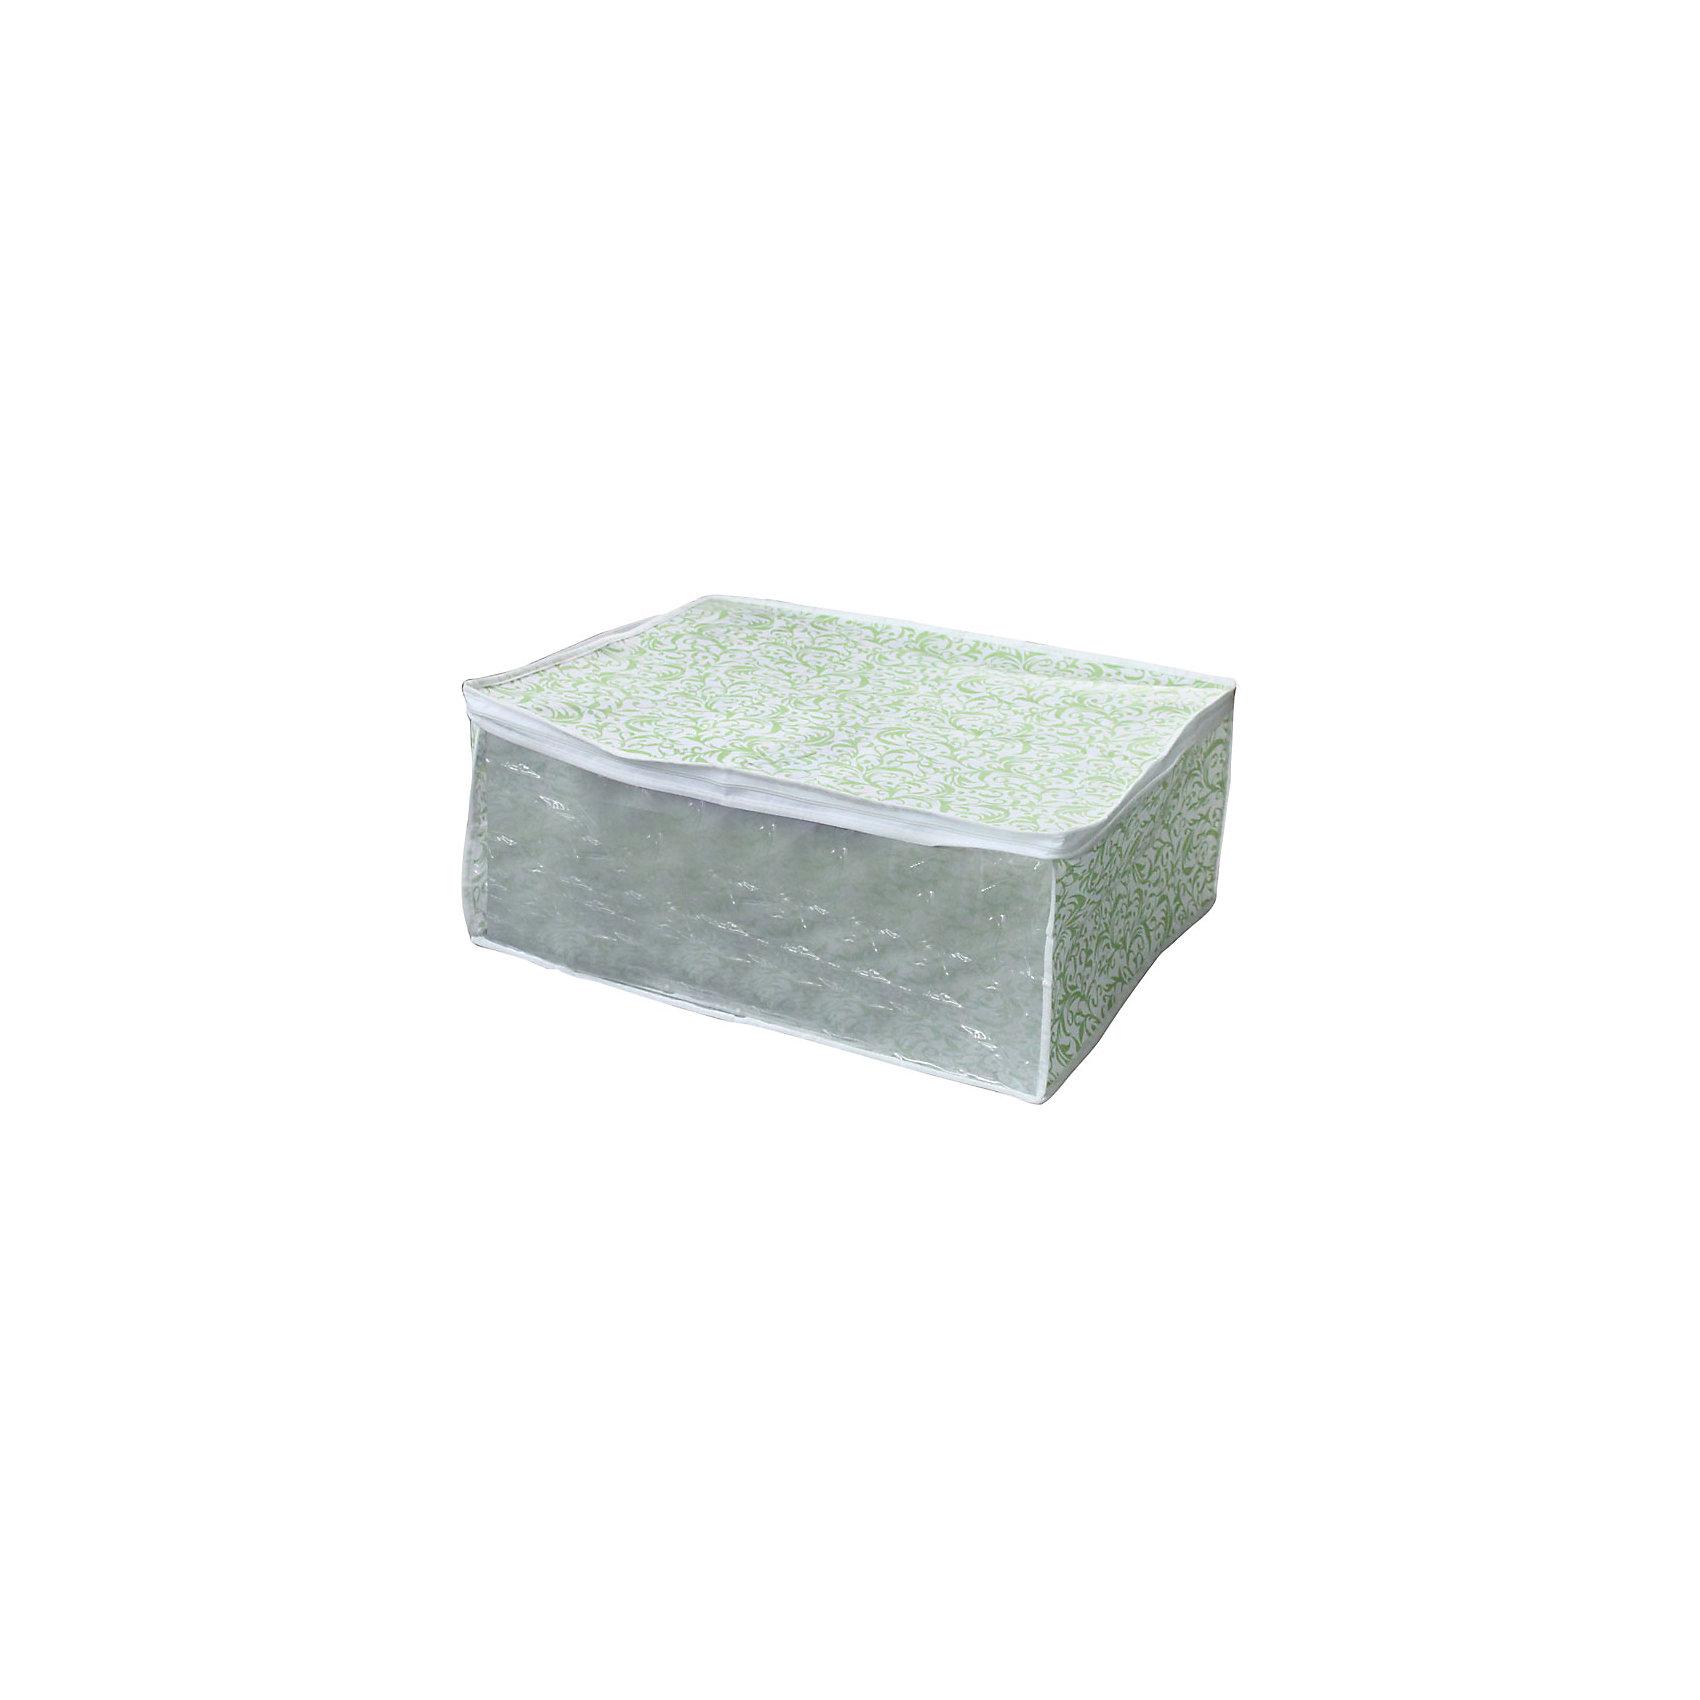 Чехол для хранения одеяла/постельных принадлежностей с окном NW5, Рыжий КотПорядок в детской<br>Сохранить одеяла и покрывала в чистоте поможет специальный чехол. Застегивается на молнию, имеет ручки для переноски. Прозрачное окошко позволяет увидеть, что находится внутри. Чехол защищает постельные принадлежности от моли и пыли. <br><br>Дополнительная информация:<br><br>Размер: 50х38х20 см<br>Материал: спанбонд, ПВХ<br><br>Чехол для хранения одеяла/постельных принадлежностей с окном NW5, Рыжий Кот можно купить в нашем интернет-магазине.<br><br>Ширина мм: 300<br>Глубина мм: 215<br>Высота мм: 23<br>Вес г: 108<br>Возраст от месяцев: 36<br>Возраст до месяцев: 1080<br>Пол: Унисекс<br>Возраст: Детский<br>SKU: 4989820